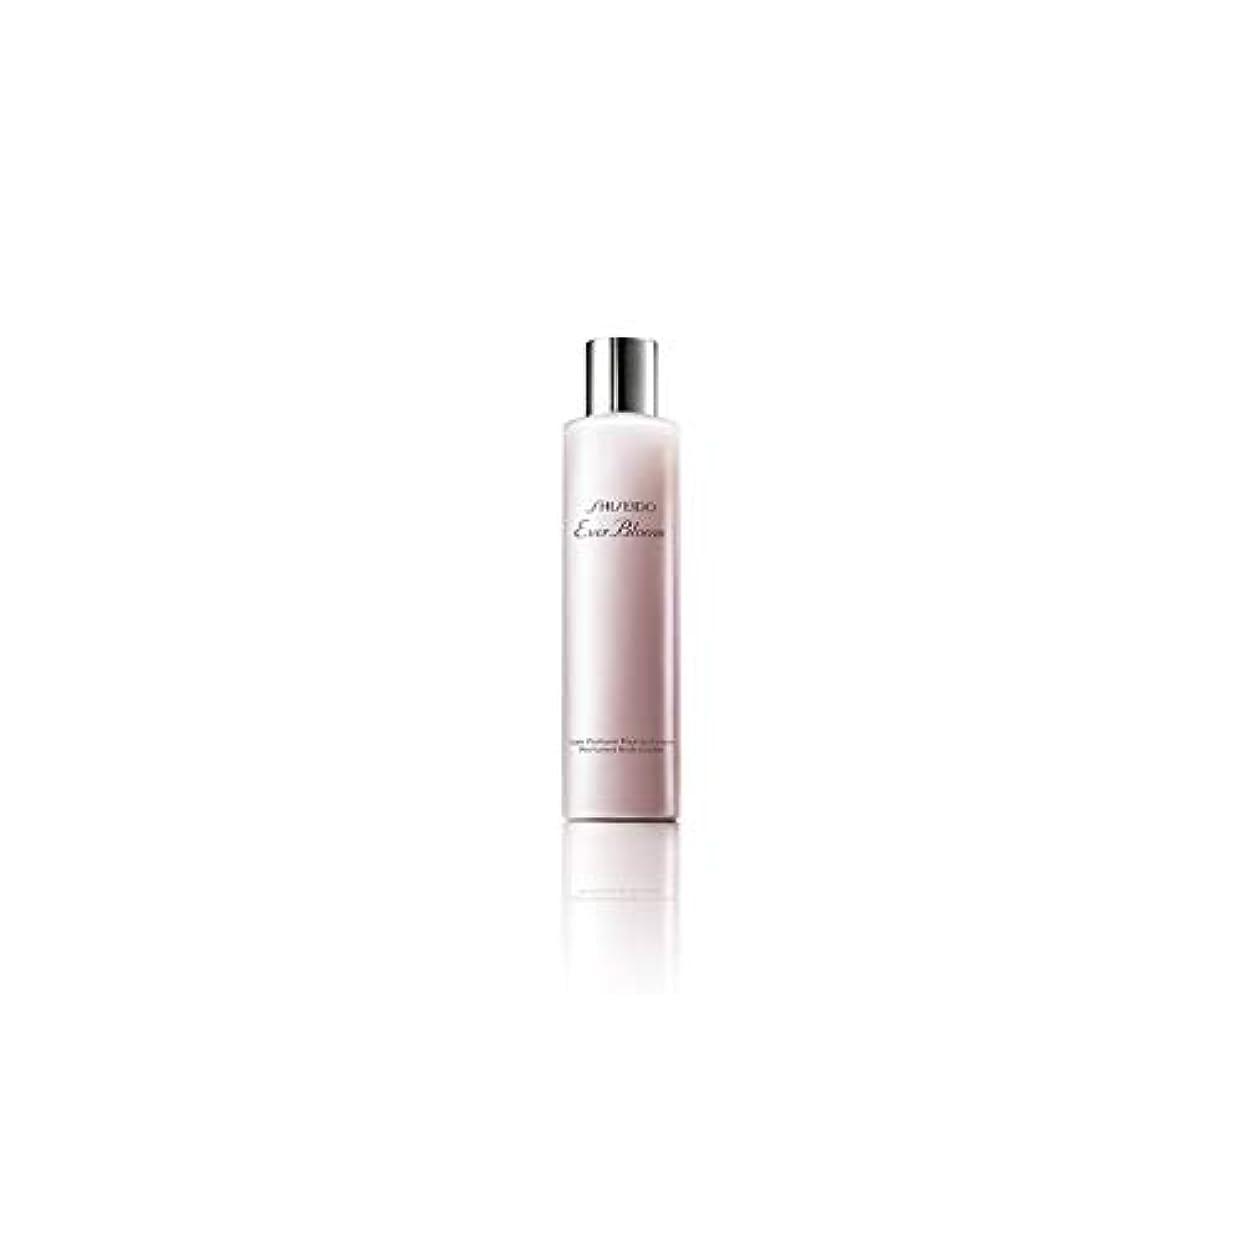 フォルダ孤独並外れた[Shiseido] 資生堂これまでブルームシャワークリーム(30ミリリットル) - Shiseido Ever Bloom Shower Cream (30ml) [並行輸入品]